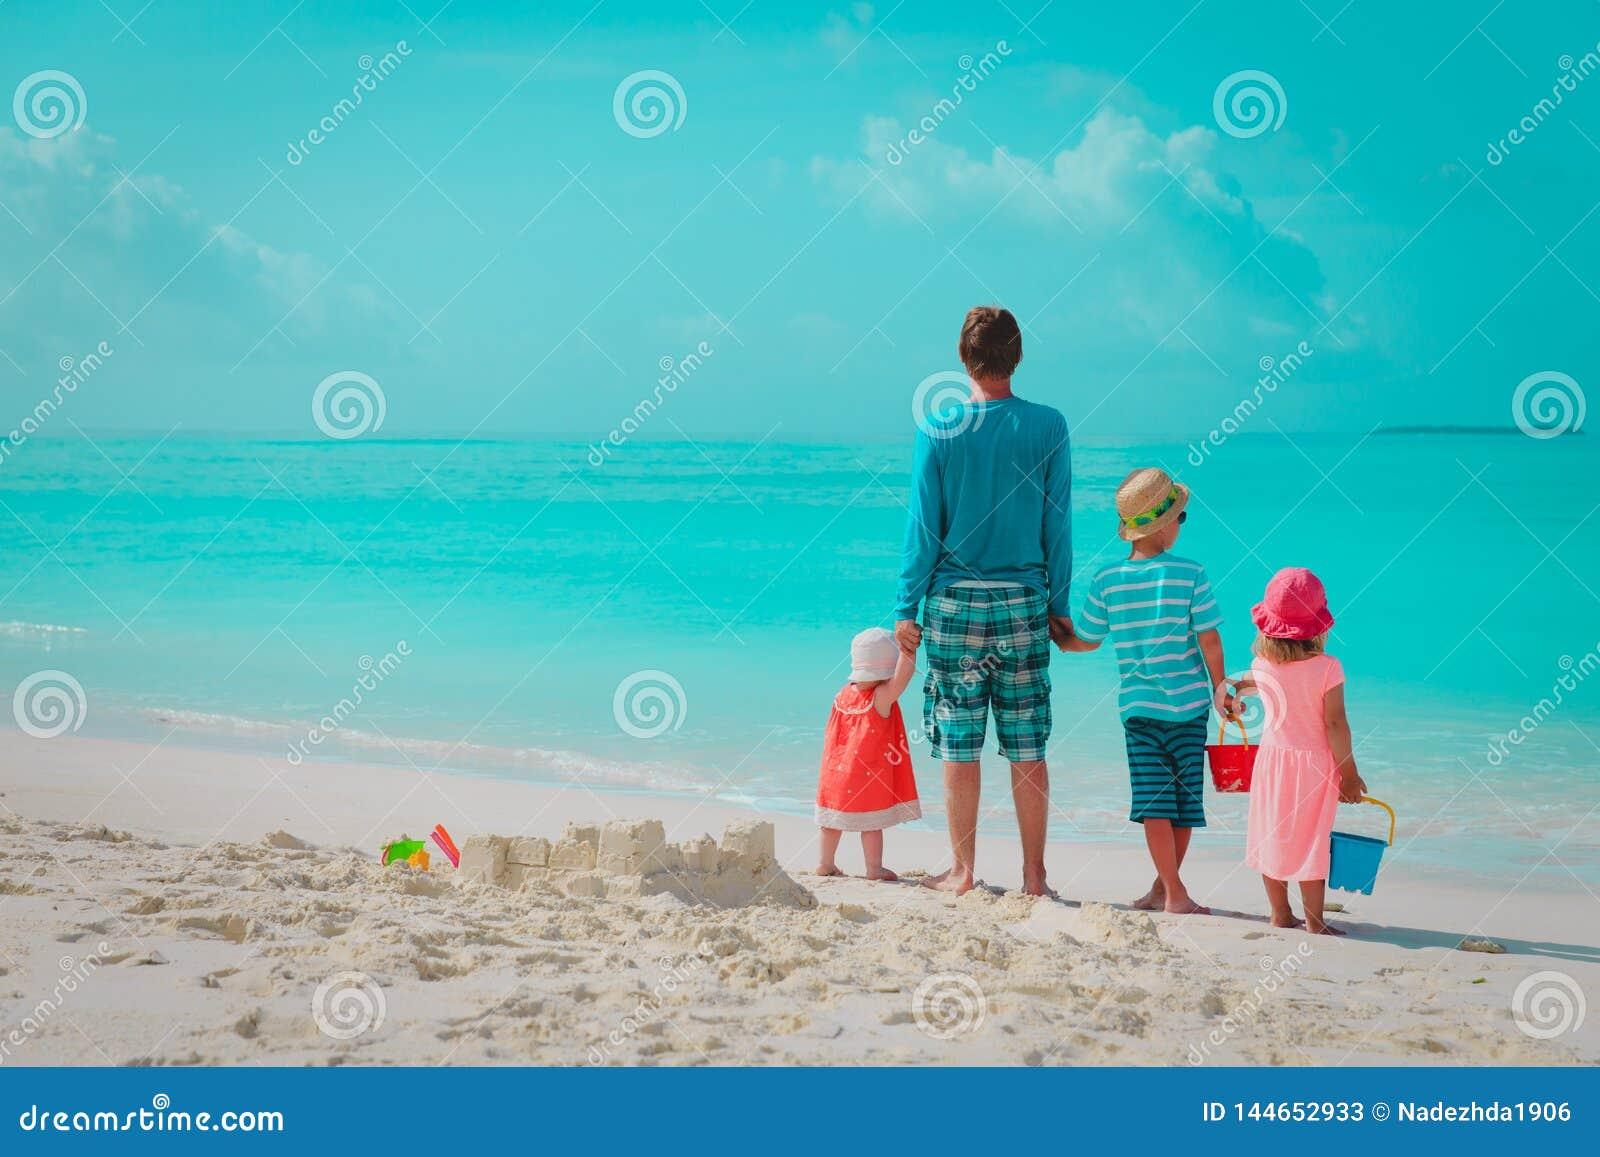 O pai com três crianças joga na praia, família no mar